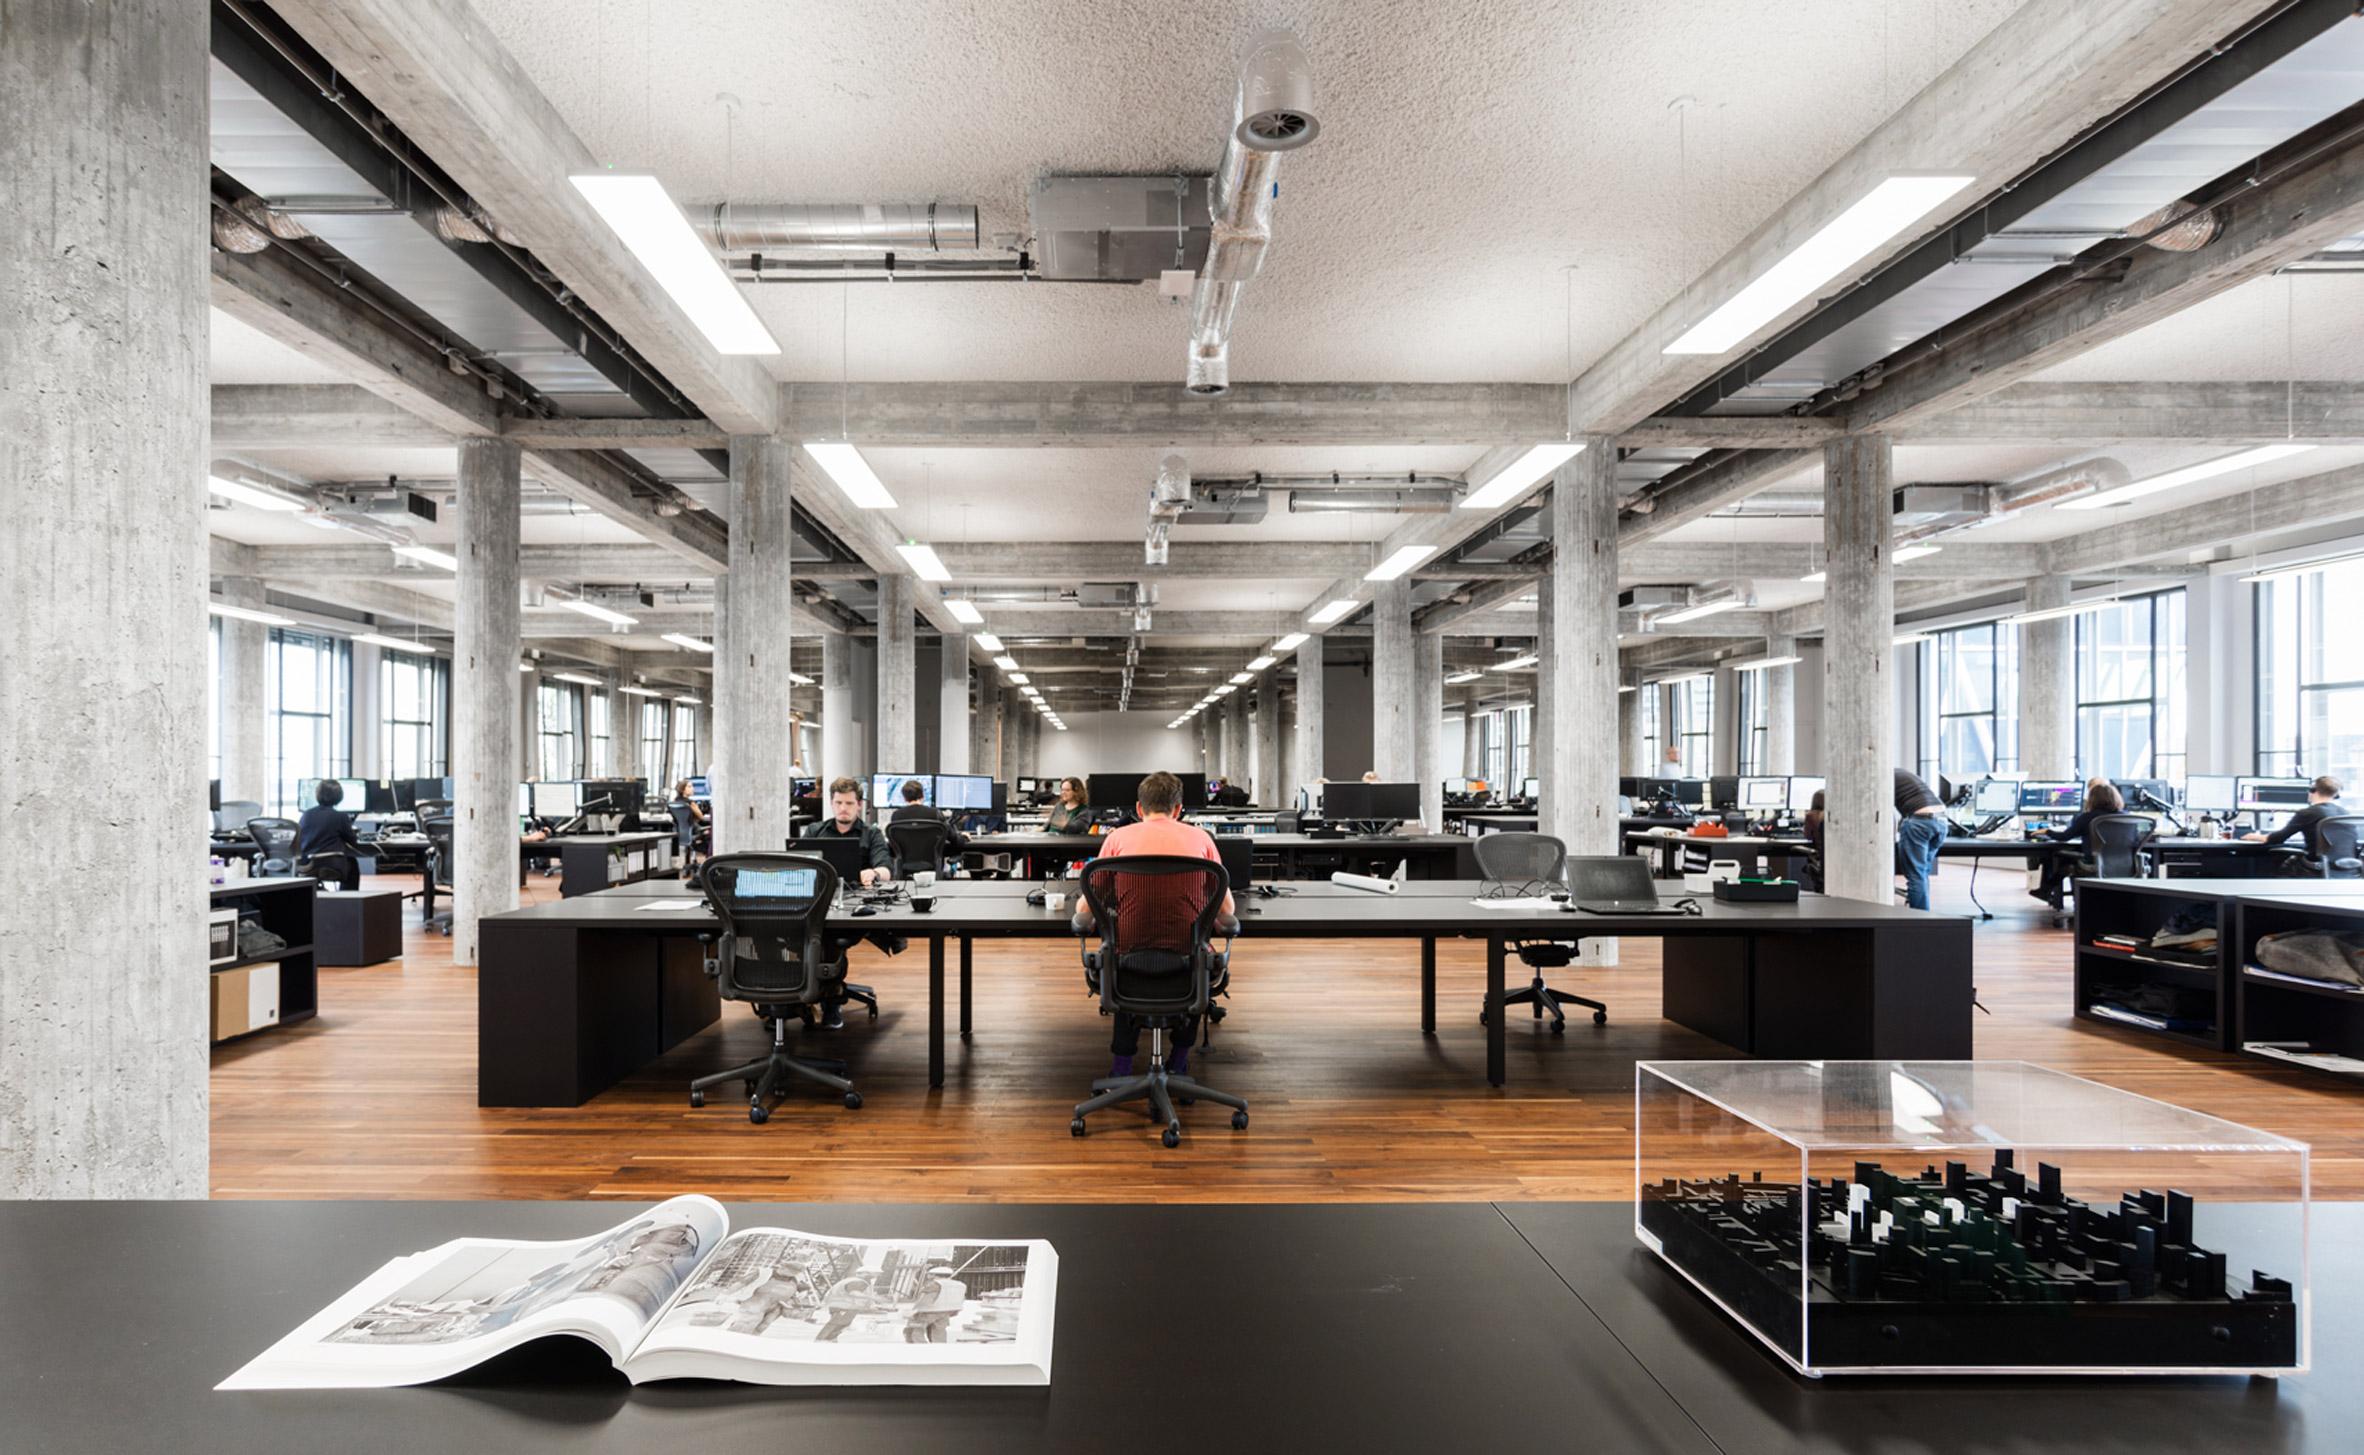 ý tưởng thiết kế văn phòng hiện đại 2